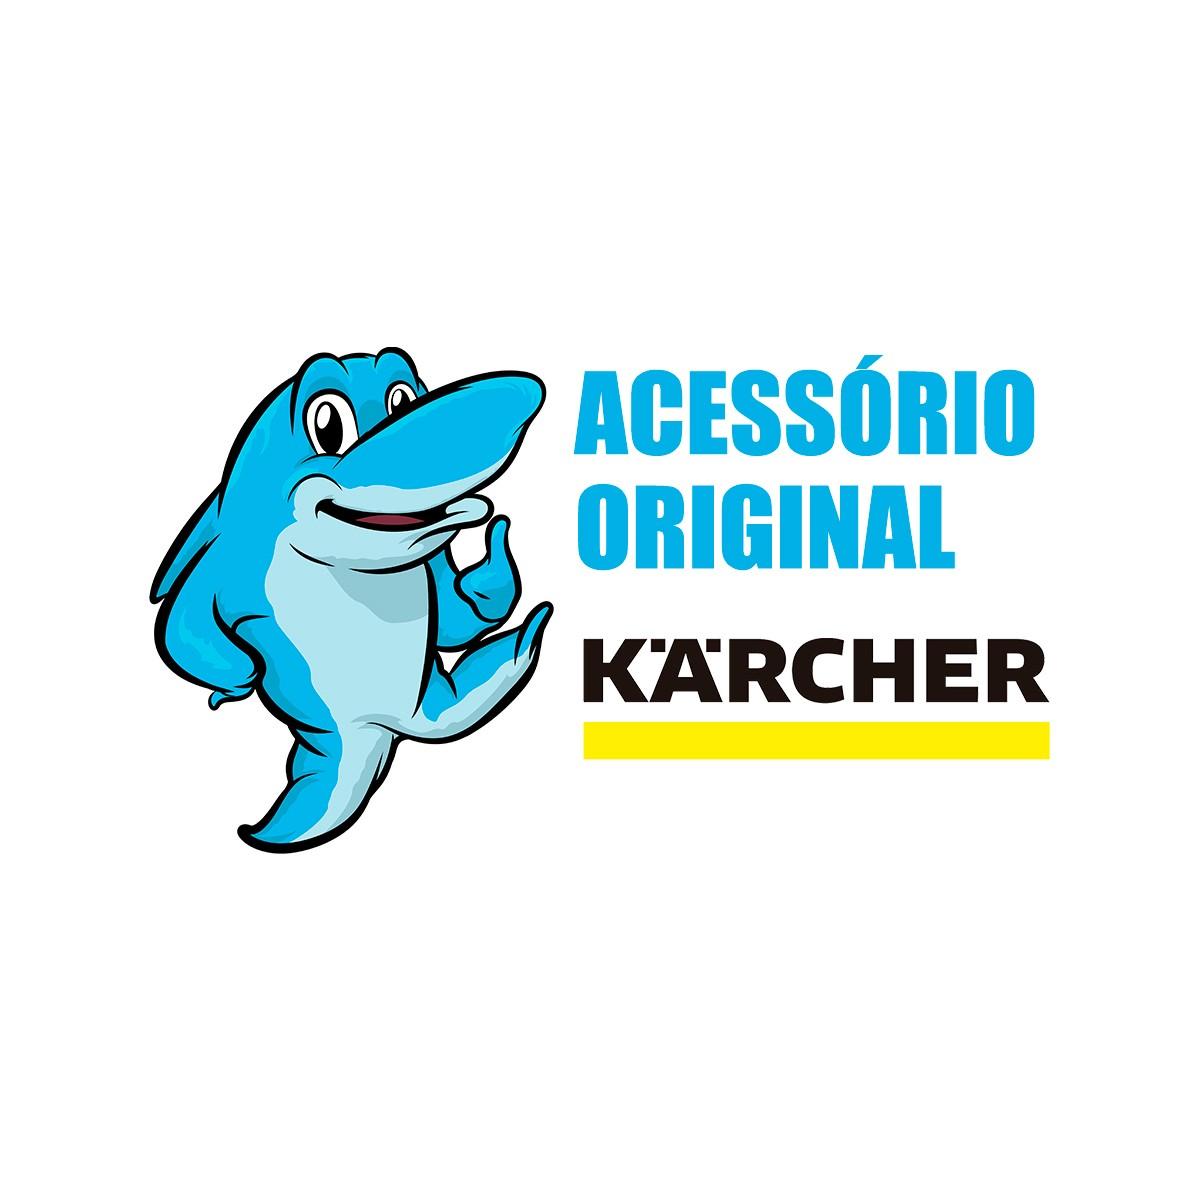 Gicleur Bico 25050 Original Karcher para Lavadoras